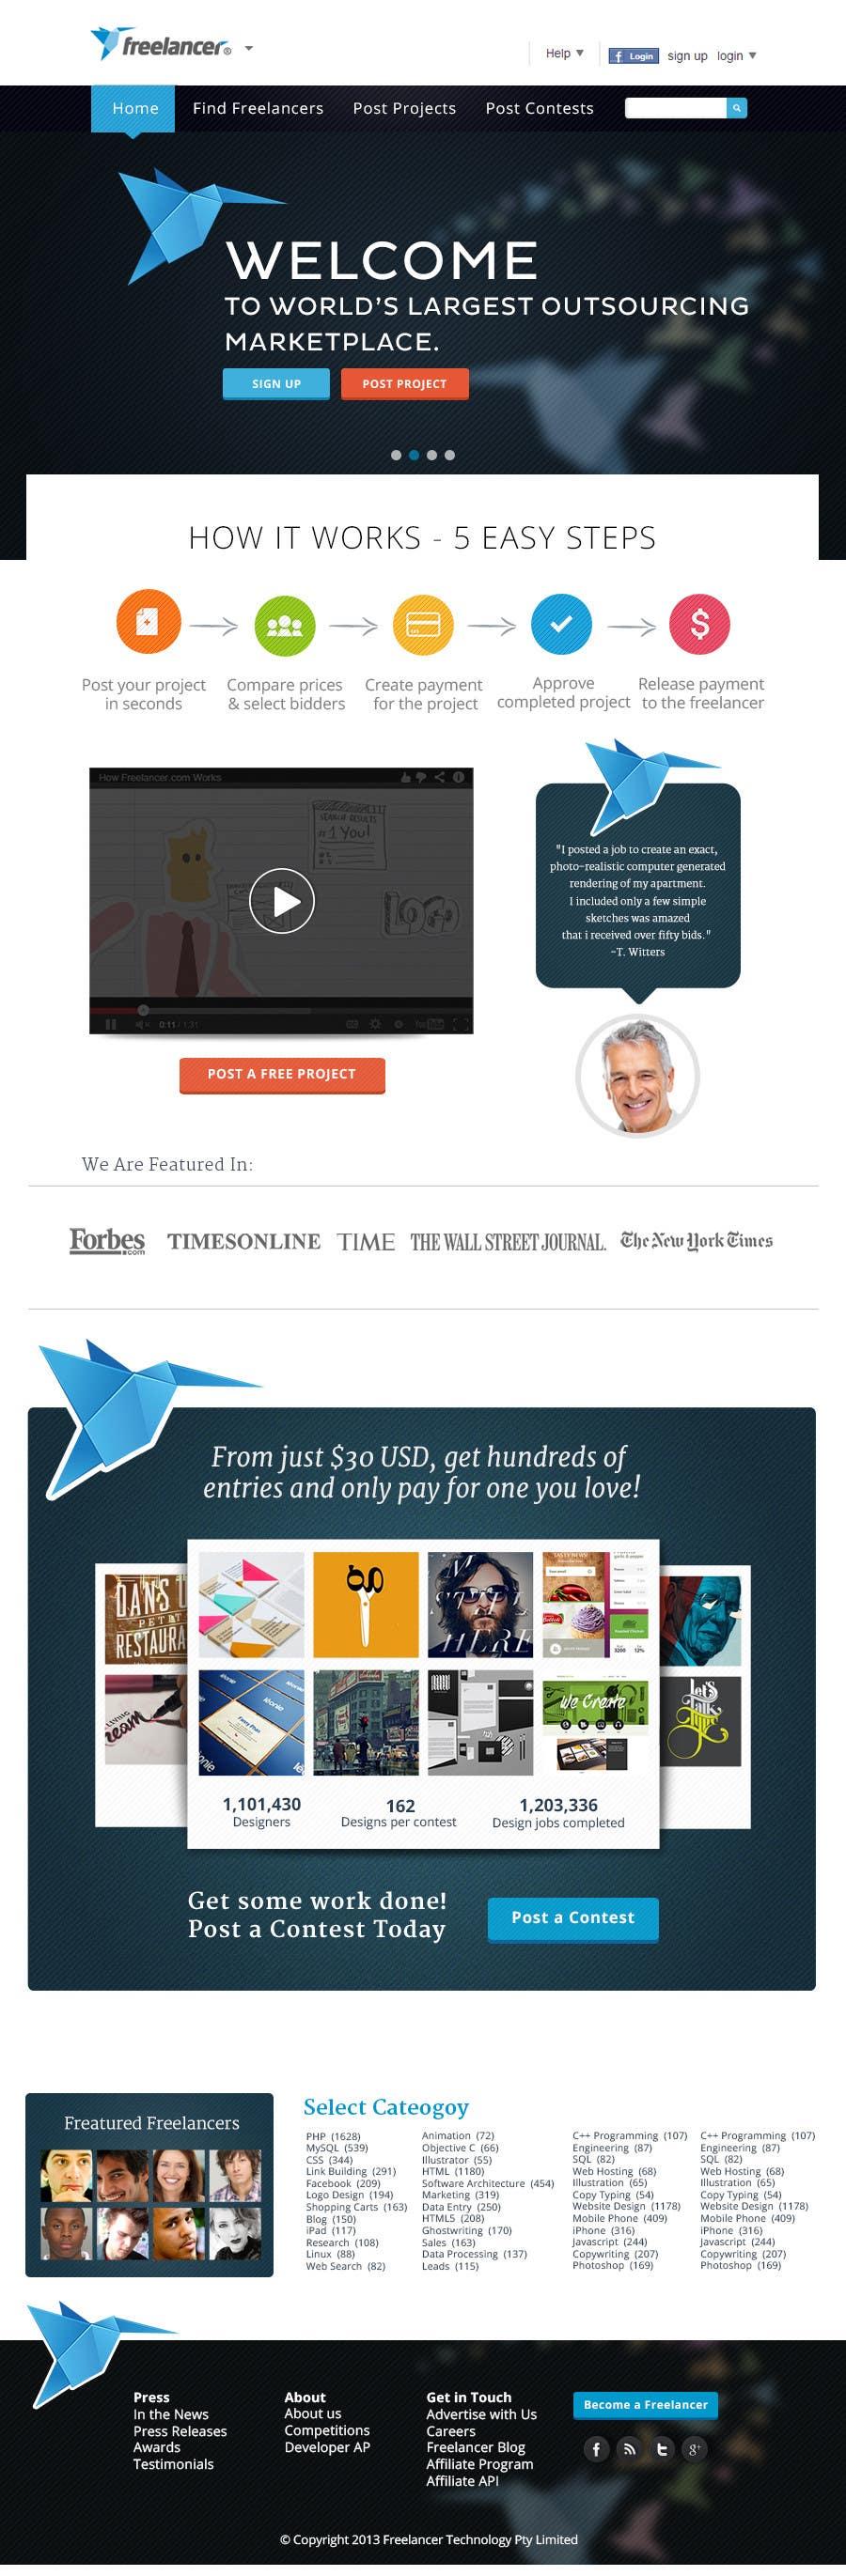 Graphic Design Contest Entry #479 for Freelancer.com contest! Design our Homepage!